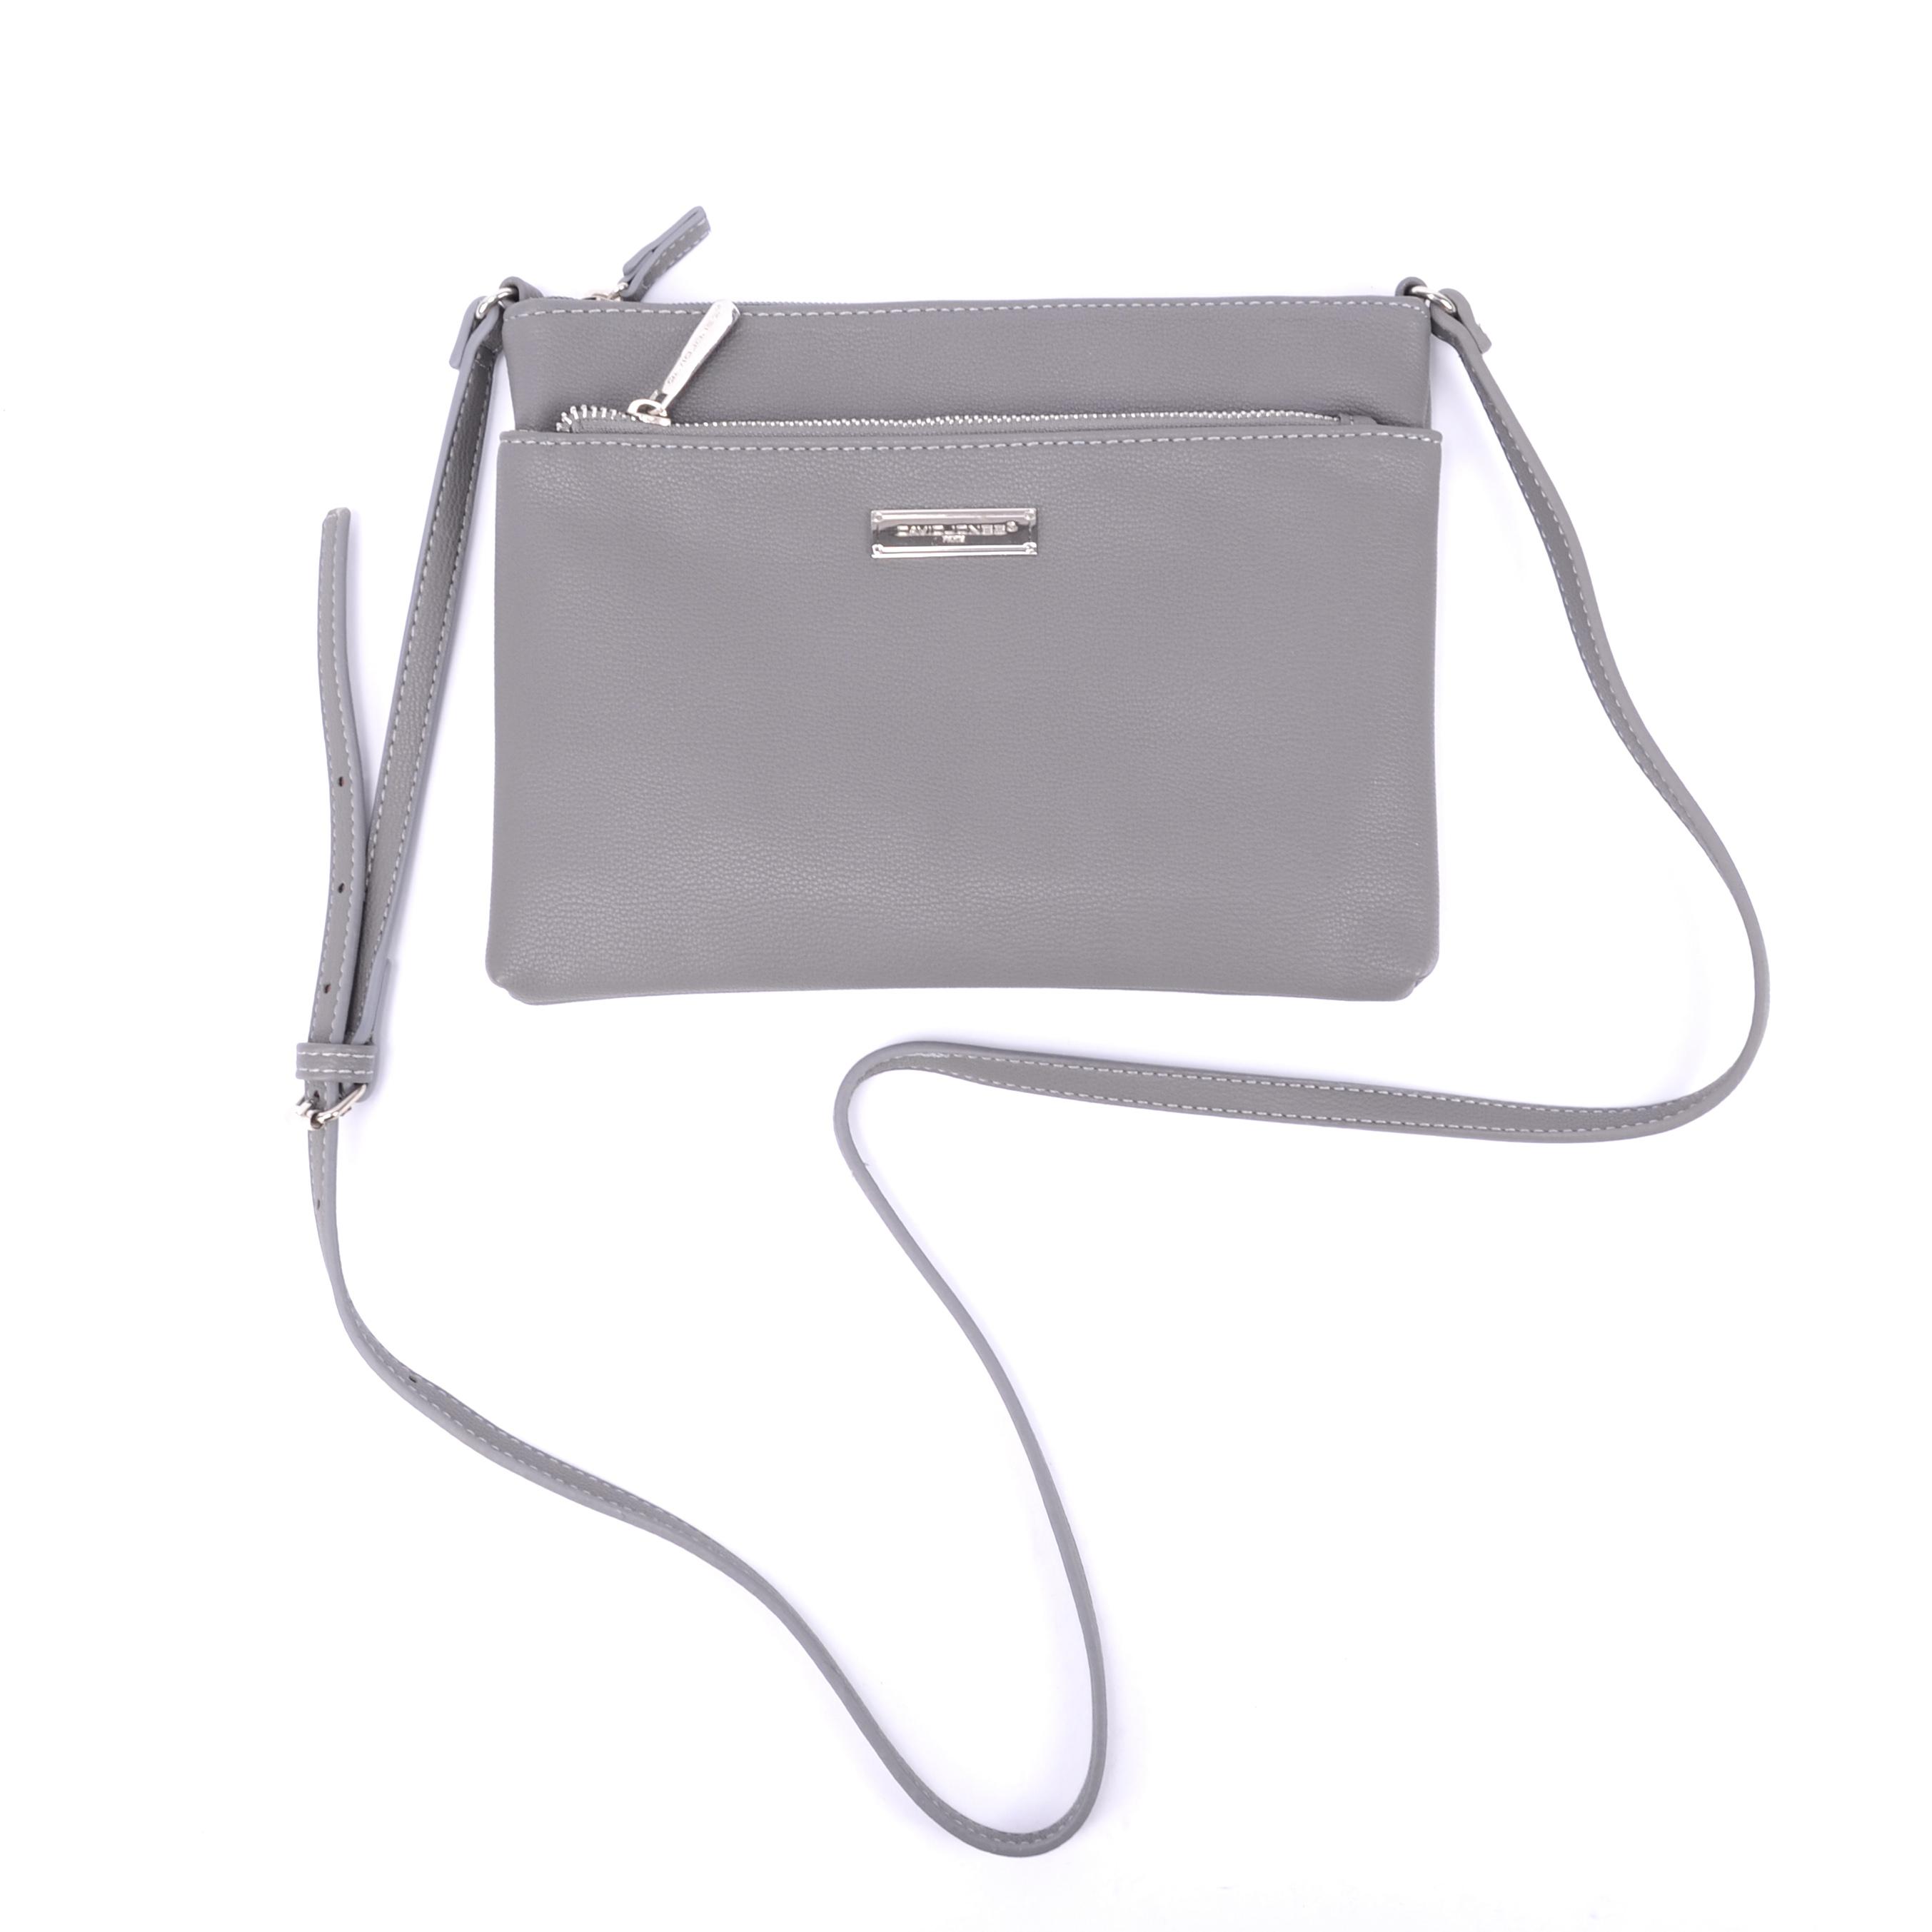 David Jones Szürke Női Műbőr Oldaltáska - Átvetős Oldaltáskák - Táska  webáruház - Minőségi táskák mindenkinek e8e72a4ced